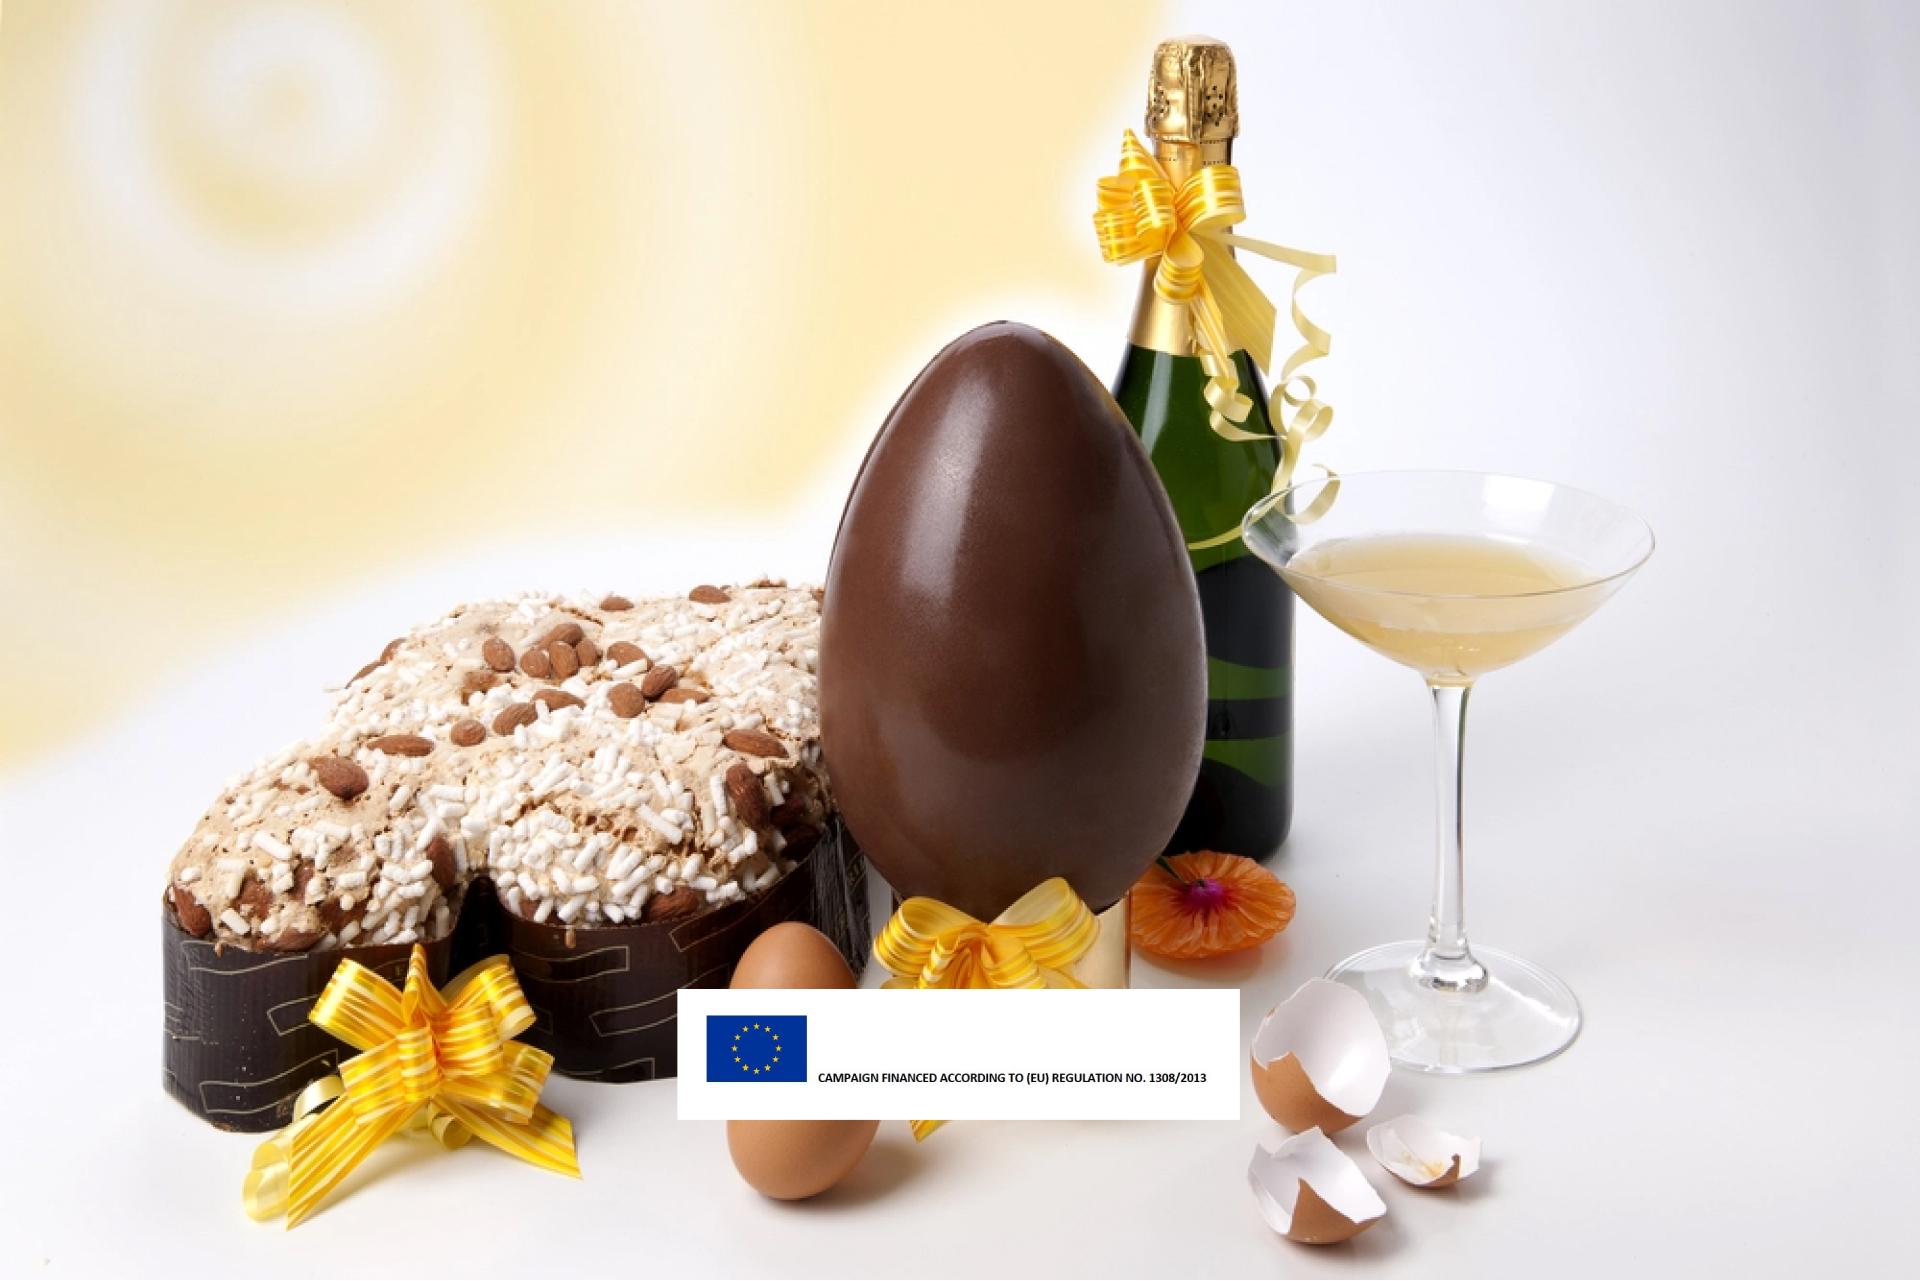 Italian Easter Egg Tradition & Wine Pairings